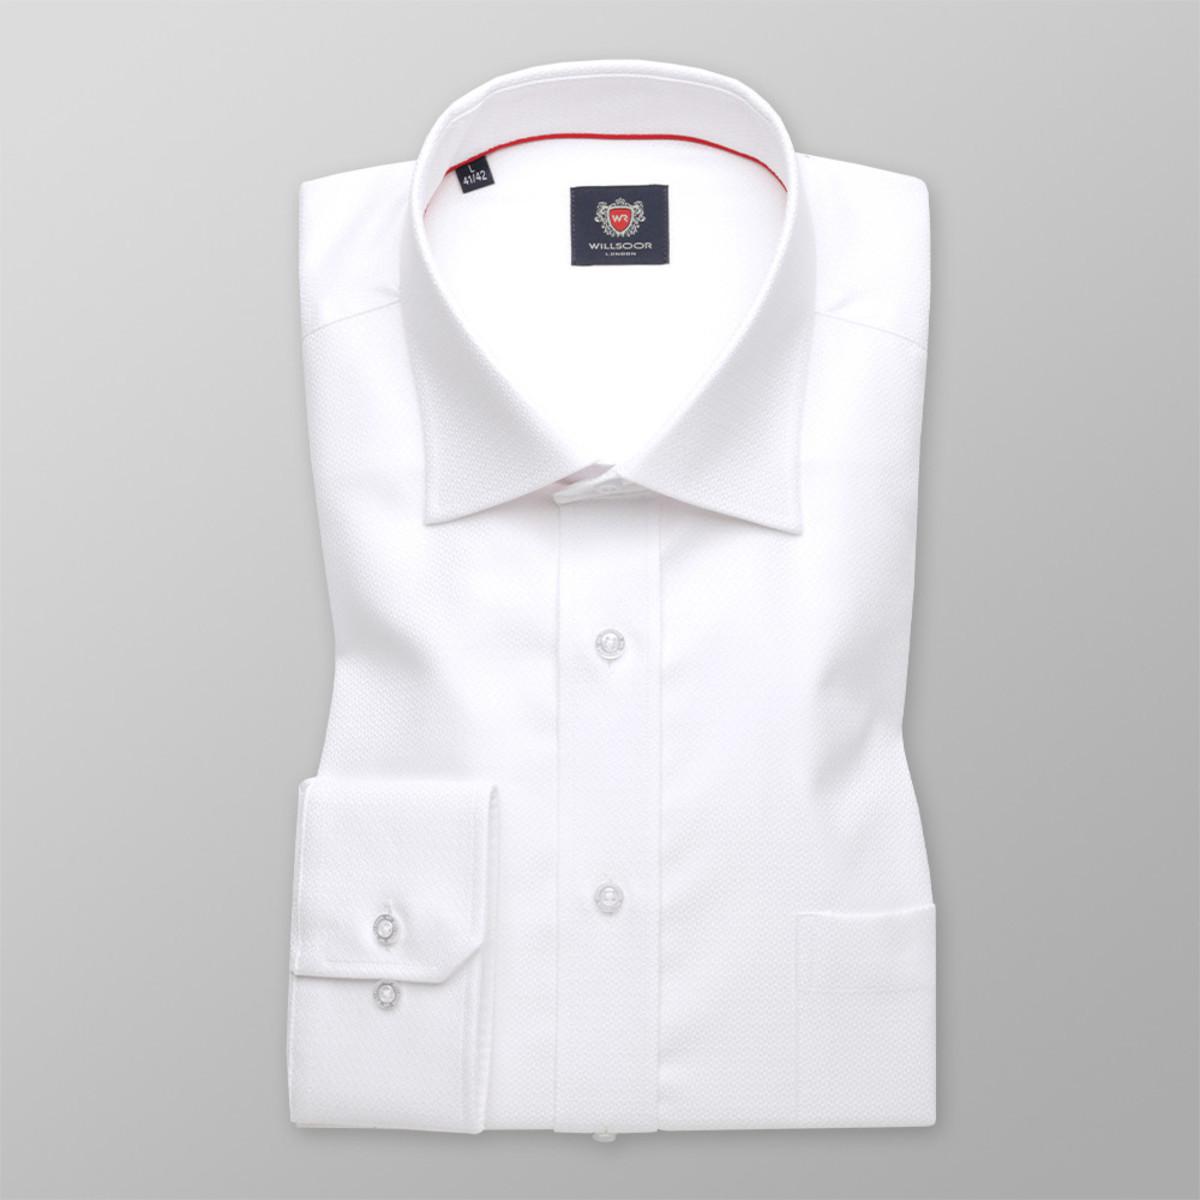 Košile London bílé barvy (výška 176-182 a 188-194) 10047 176-182 / L (41/42)